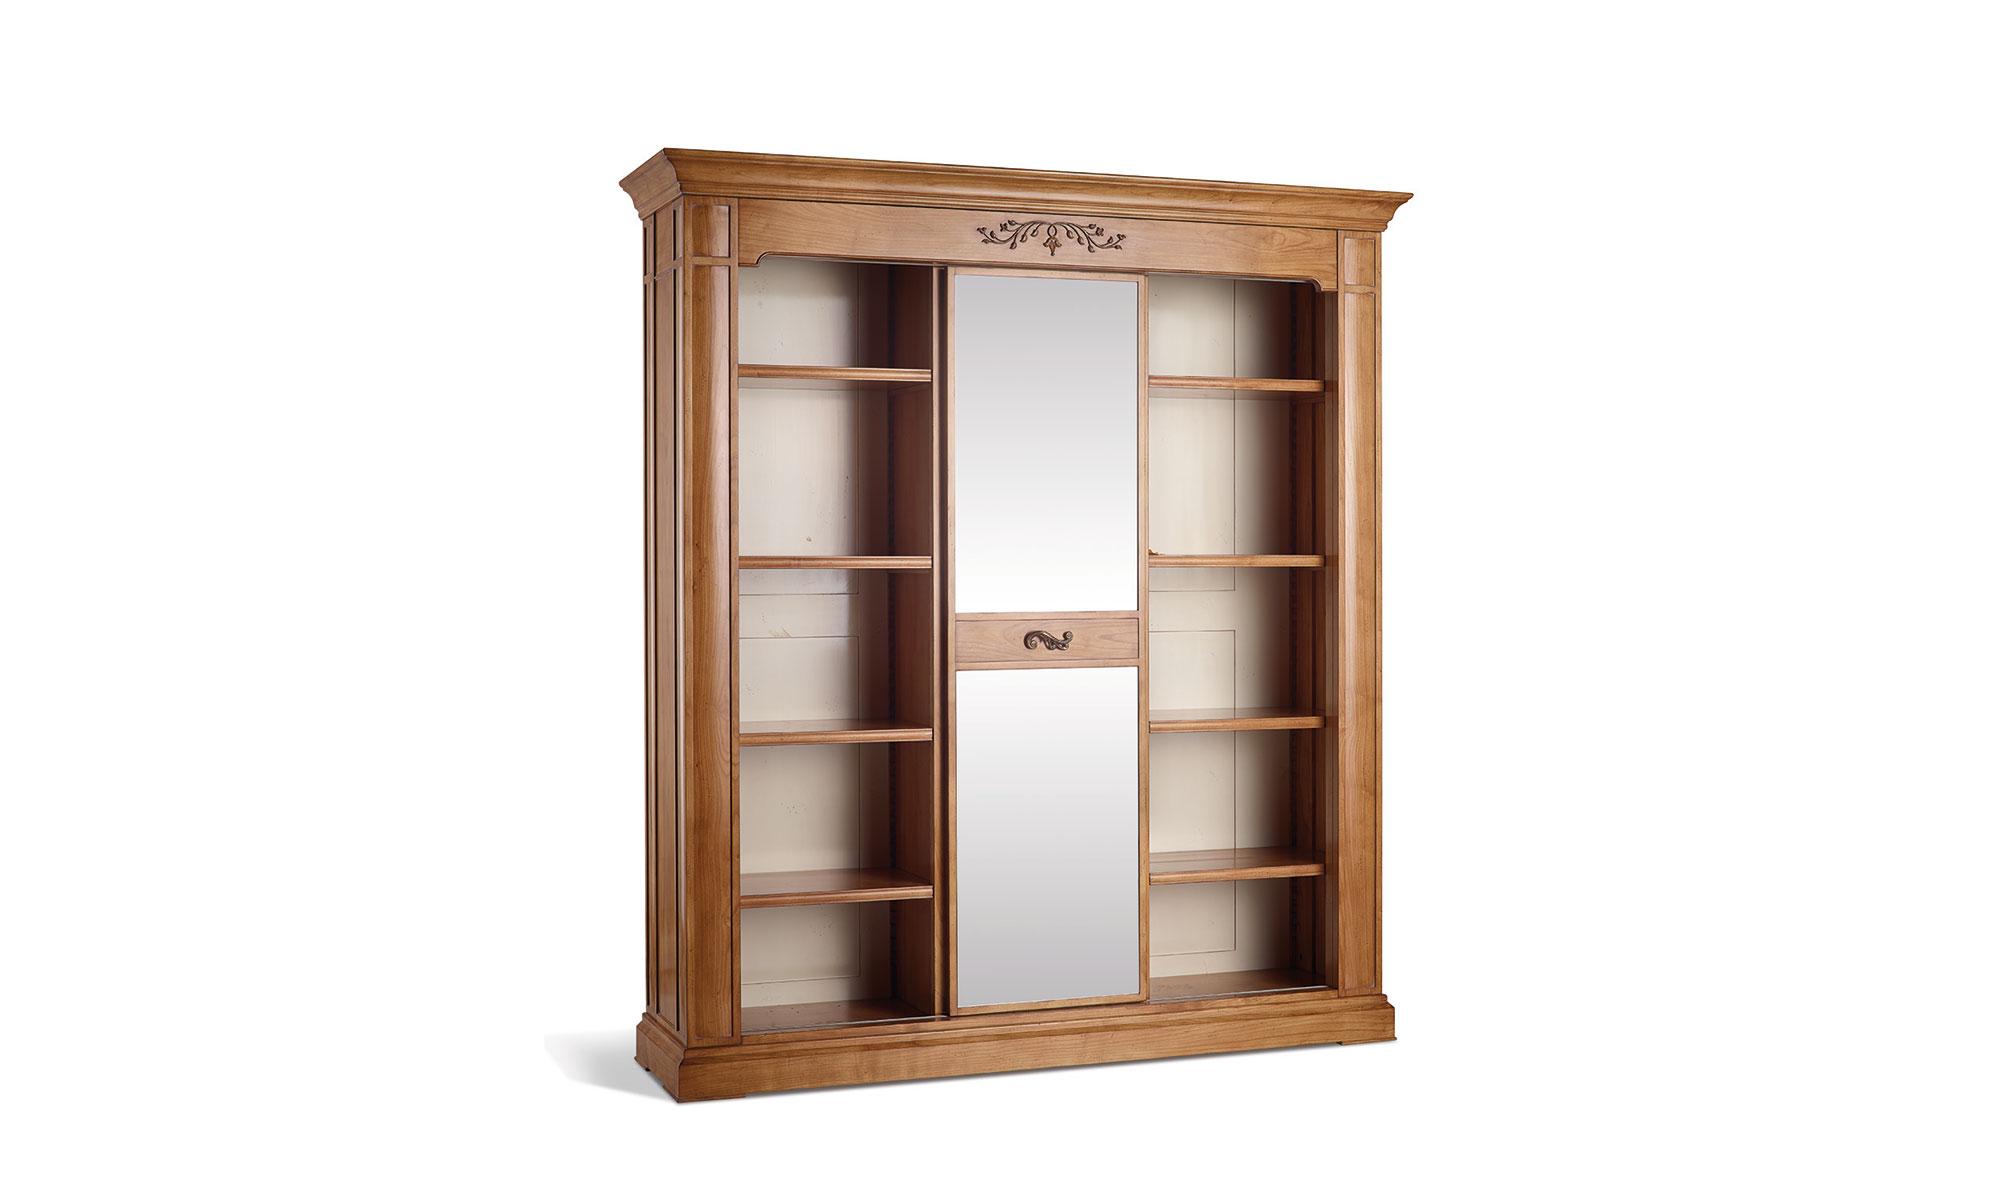 Librer a con espejo vintage flash en for Libreria muebles